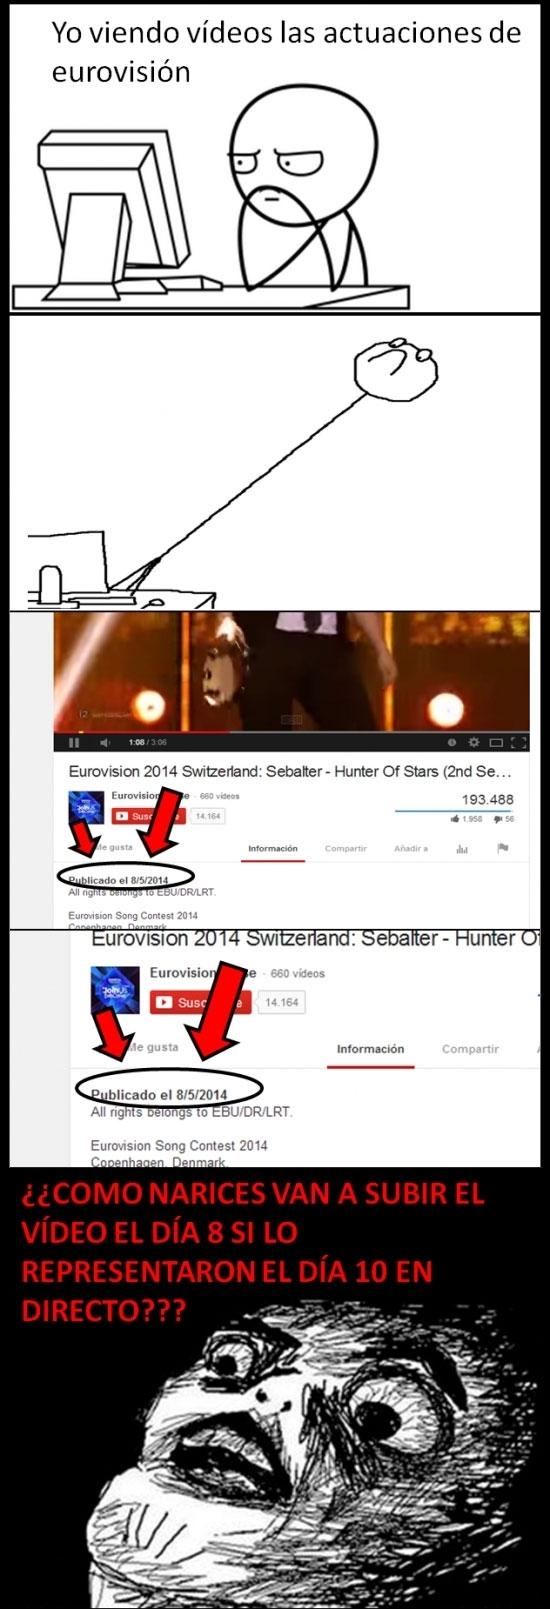 Inglip - ¿Youtube es capaz de predecir el futuro? Parece que ya lo ha hecho, mira esto